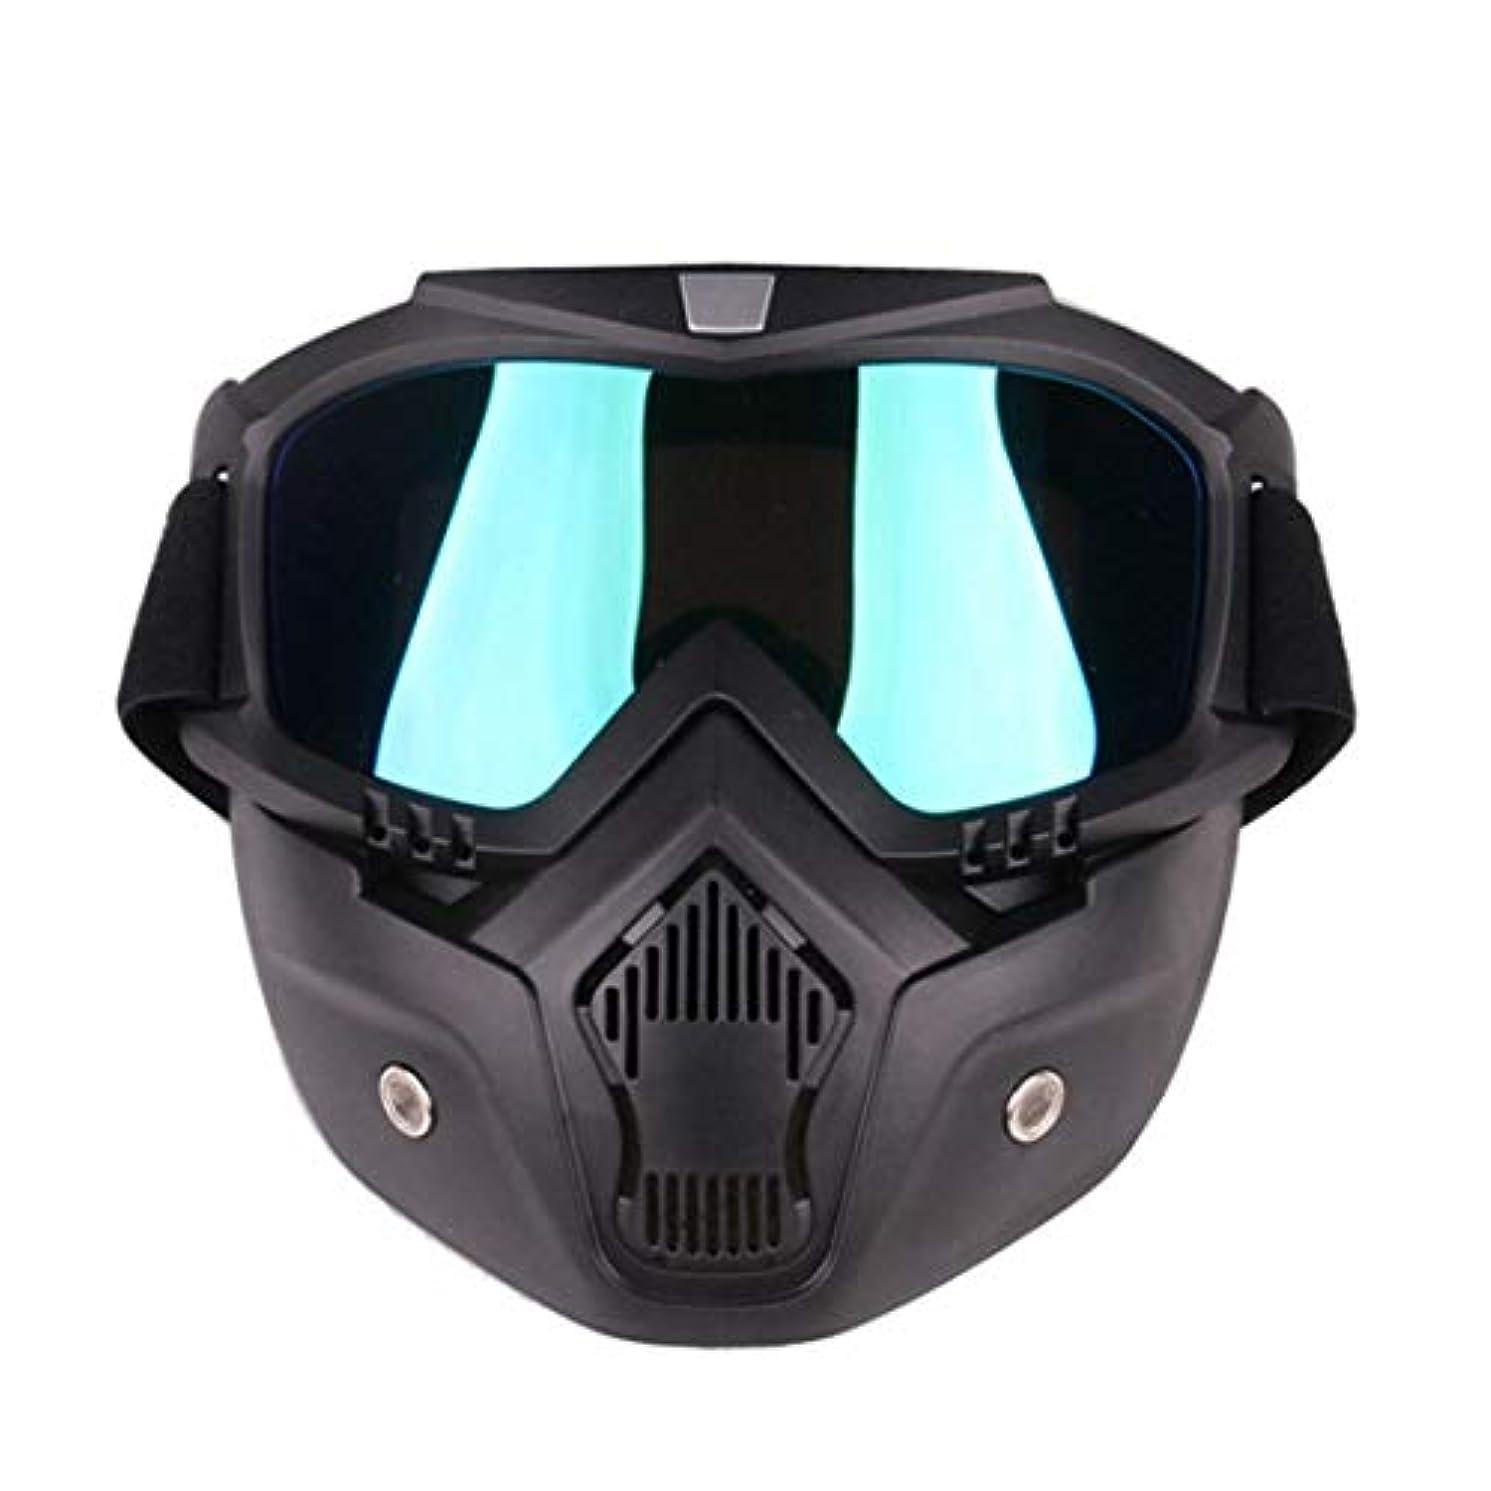 アンペア消去閉じるFreahap ペイントボールマスク ゴーグルマスク 曇り止めレンズ 紫外線防止 通気孔付き